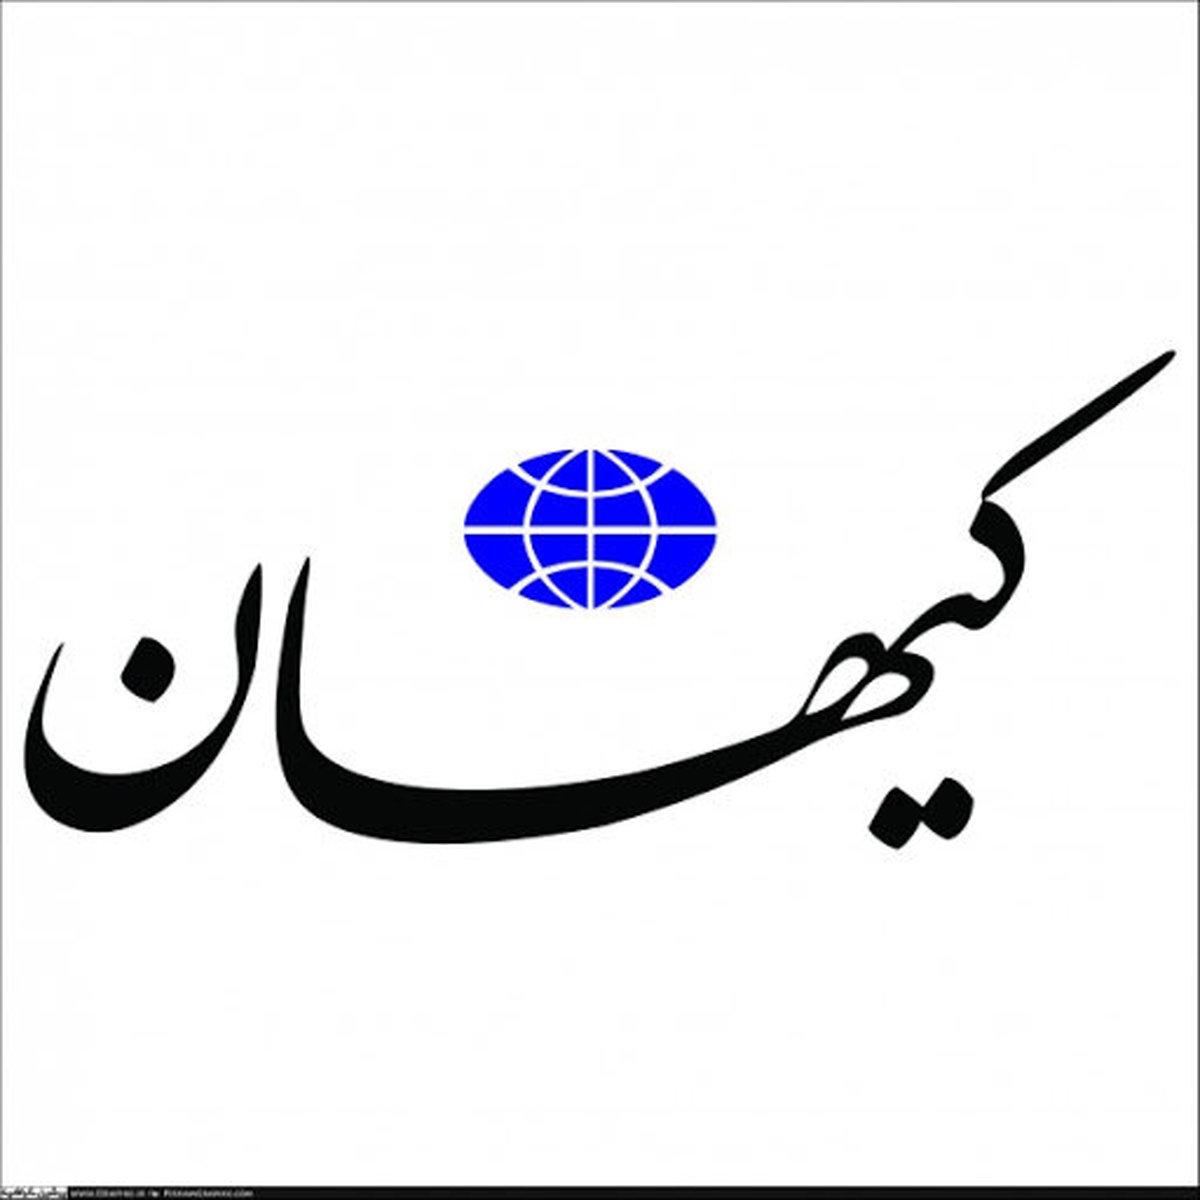 کیهان  : چین گسترش برنامه هستهای ایران را نامطلوب میداند